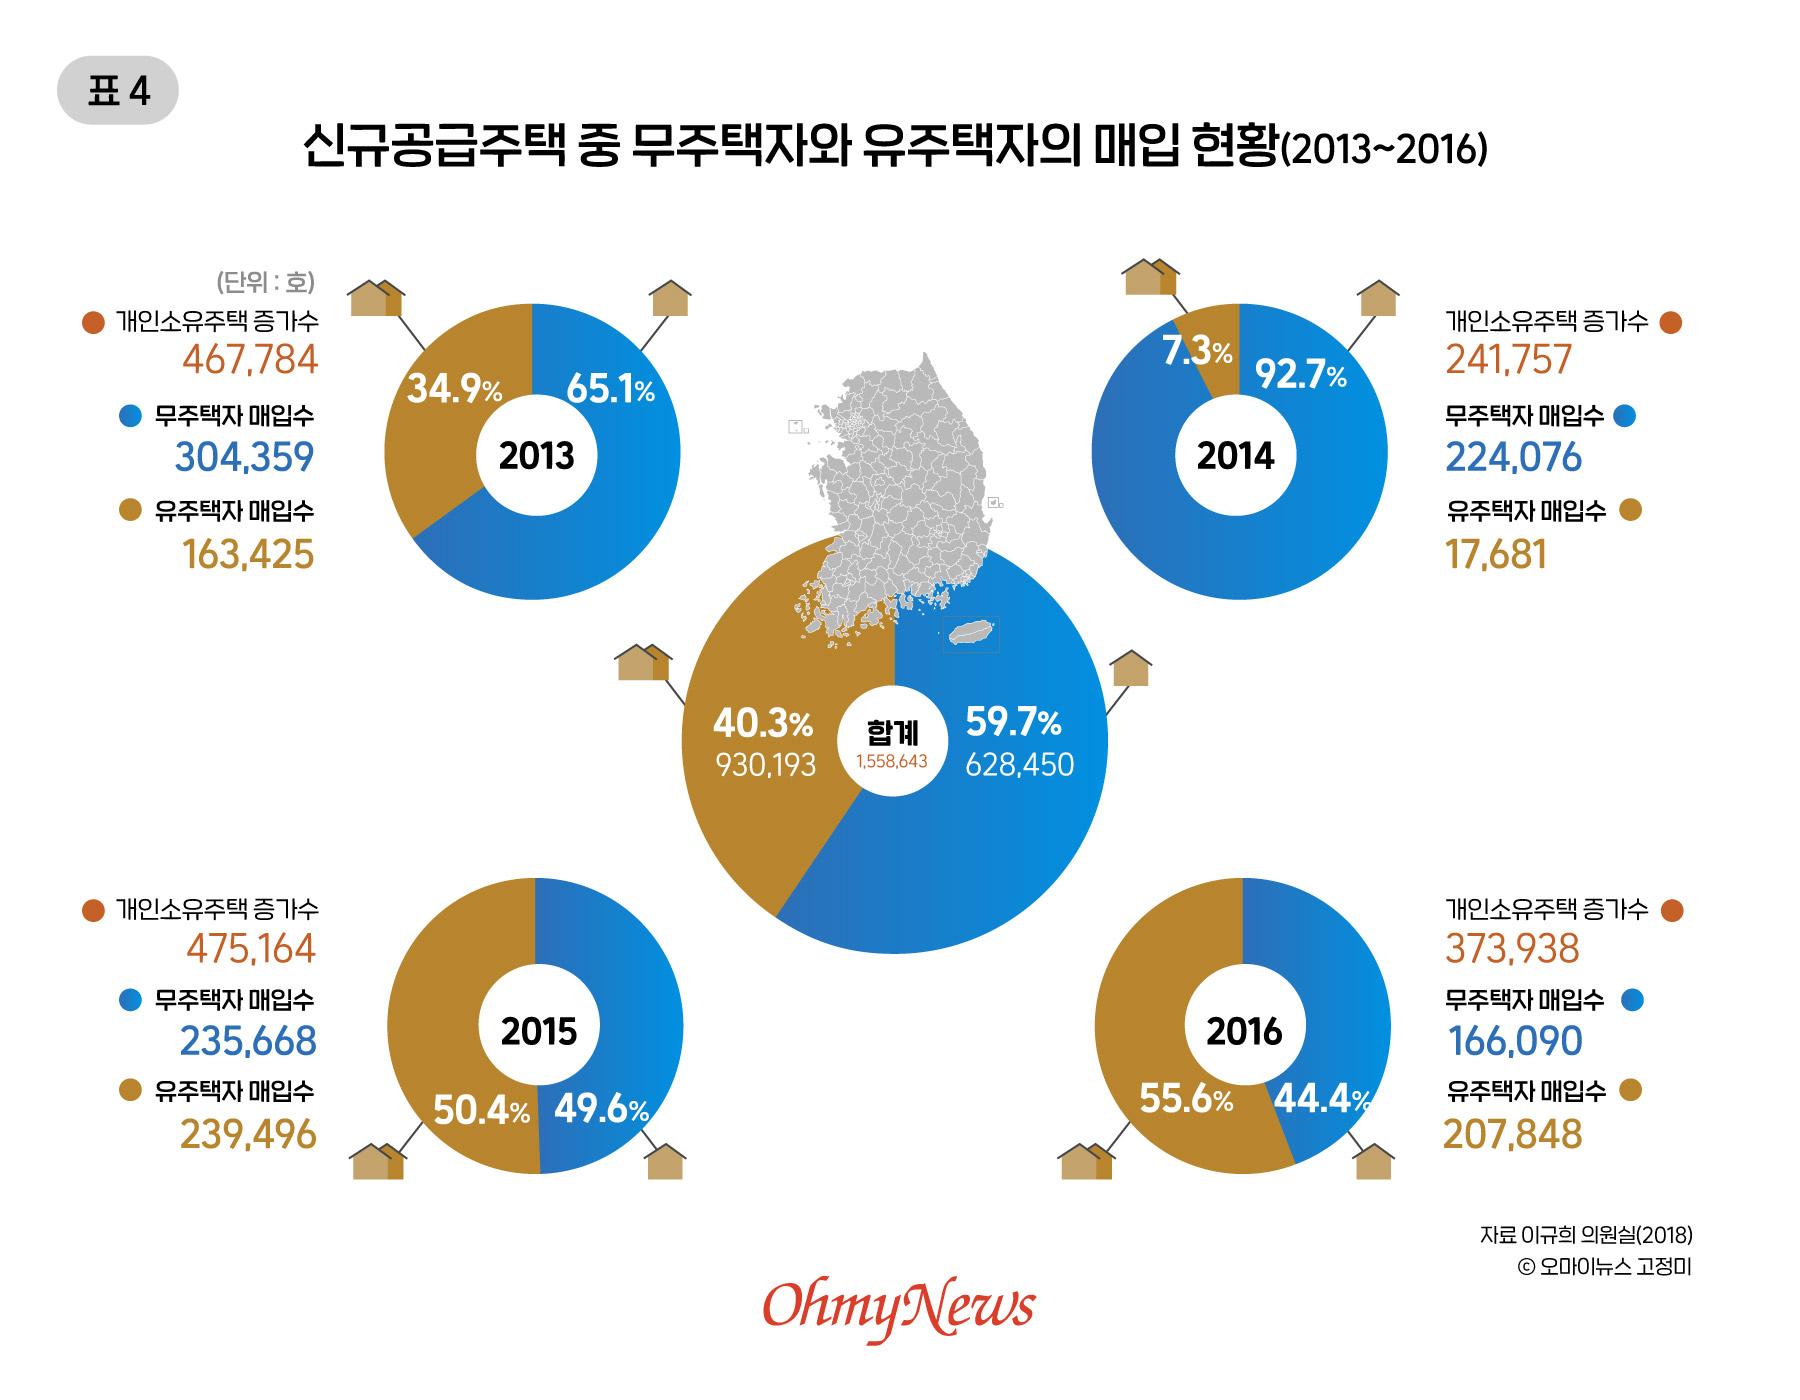 신규공급주택 중 무주택자와 有주택자의 매입 현황(2013~2016)